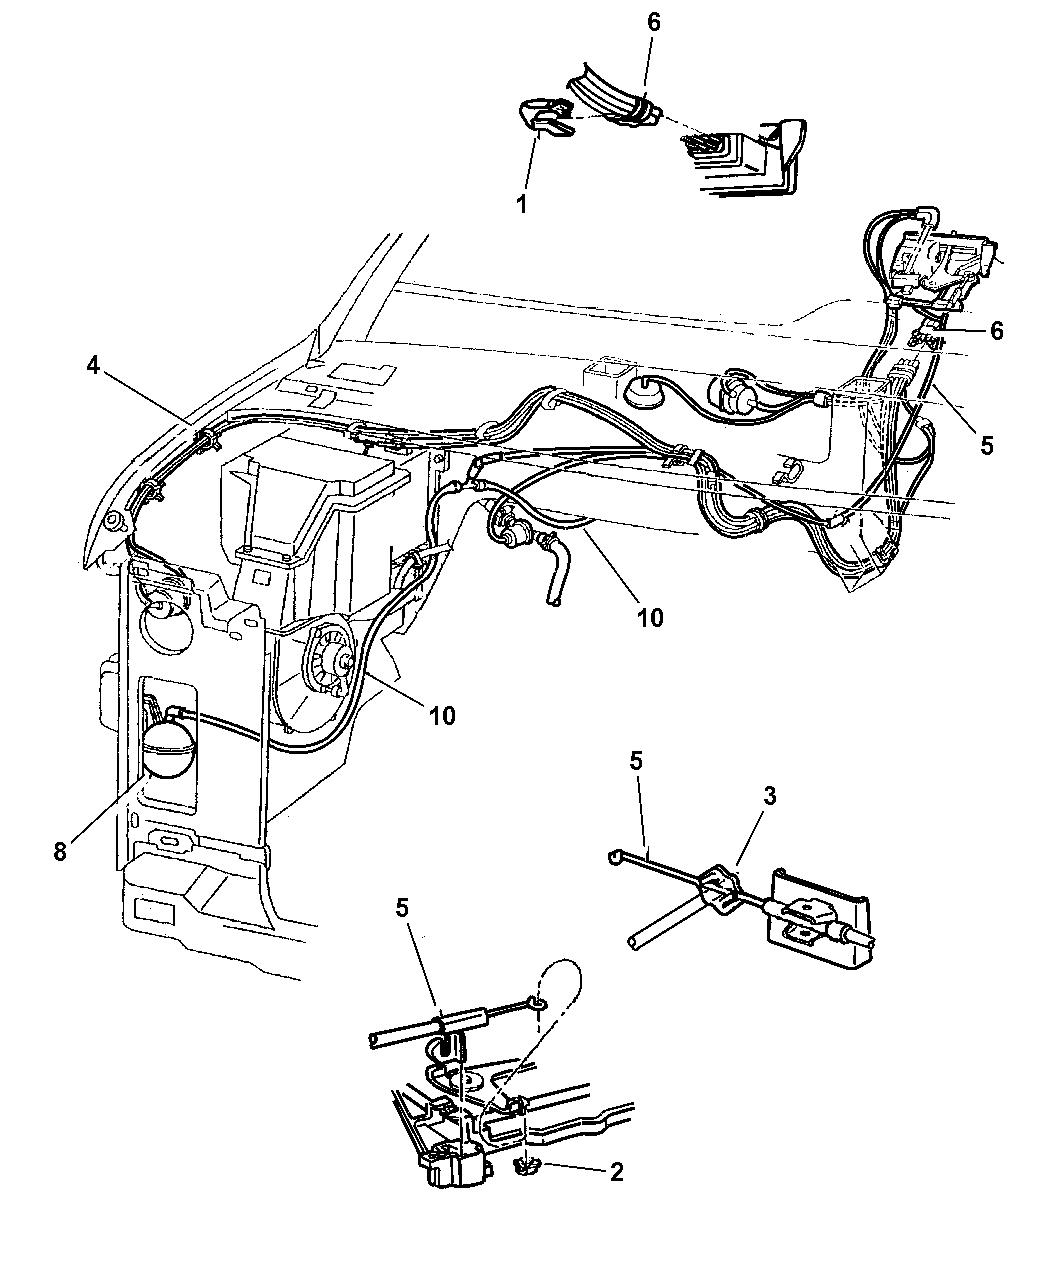 1997 dodge ram van vacuum lines